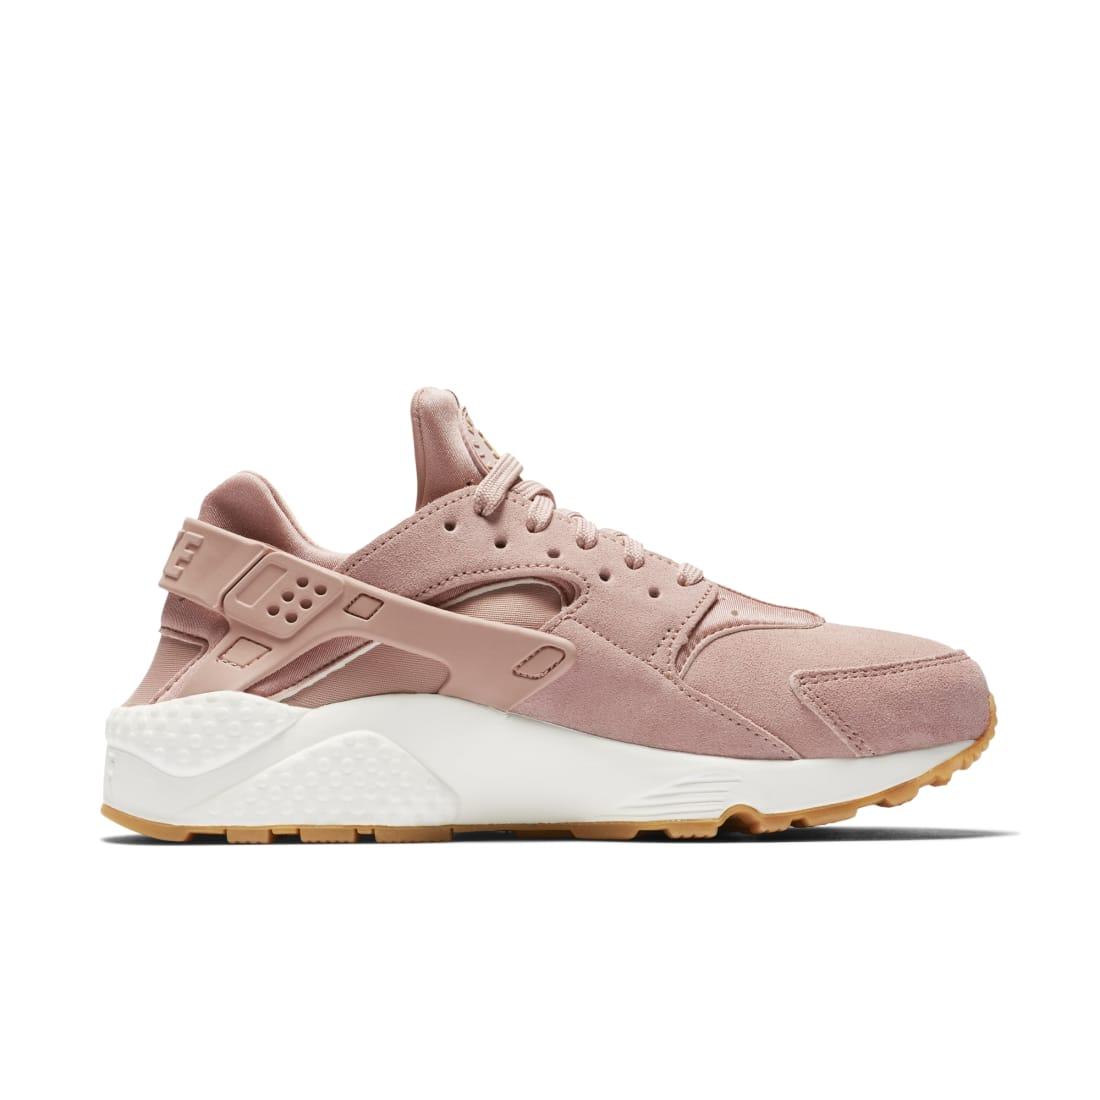 Nike Air Huarache Run SD Shoes